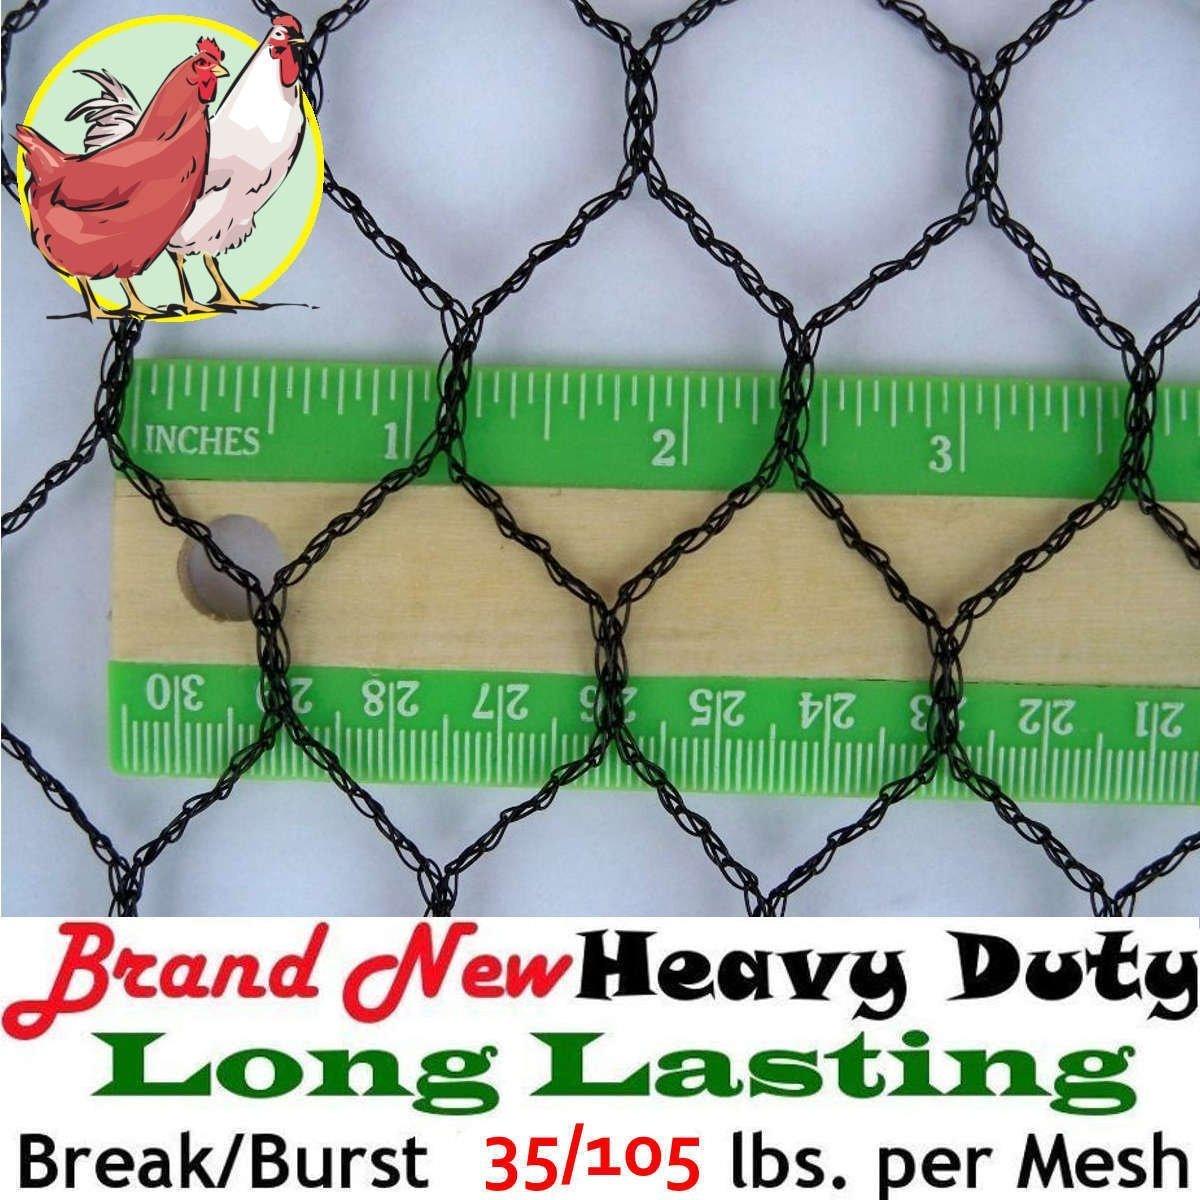 1'' Light Knitted Netting (6' X 100') Poultry Plant Bird Aviary Fruit Garden Protection Net Nets - Break/Burst: 35/105 lbs. per mesh